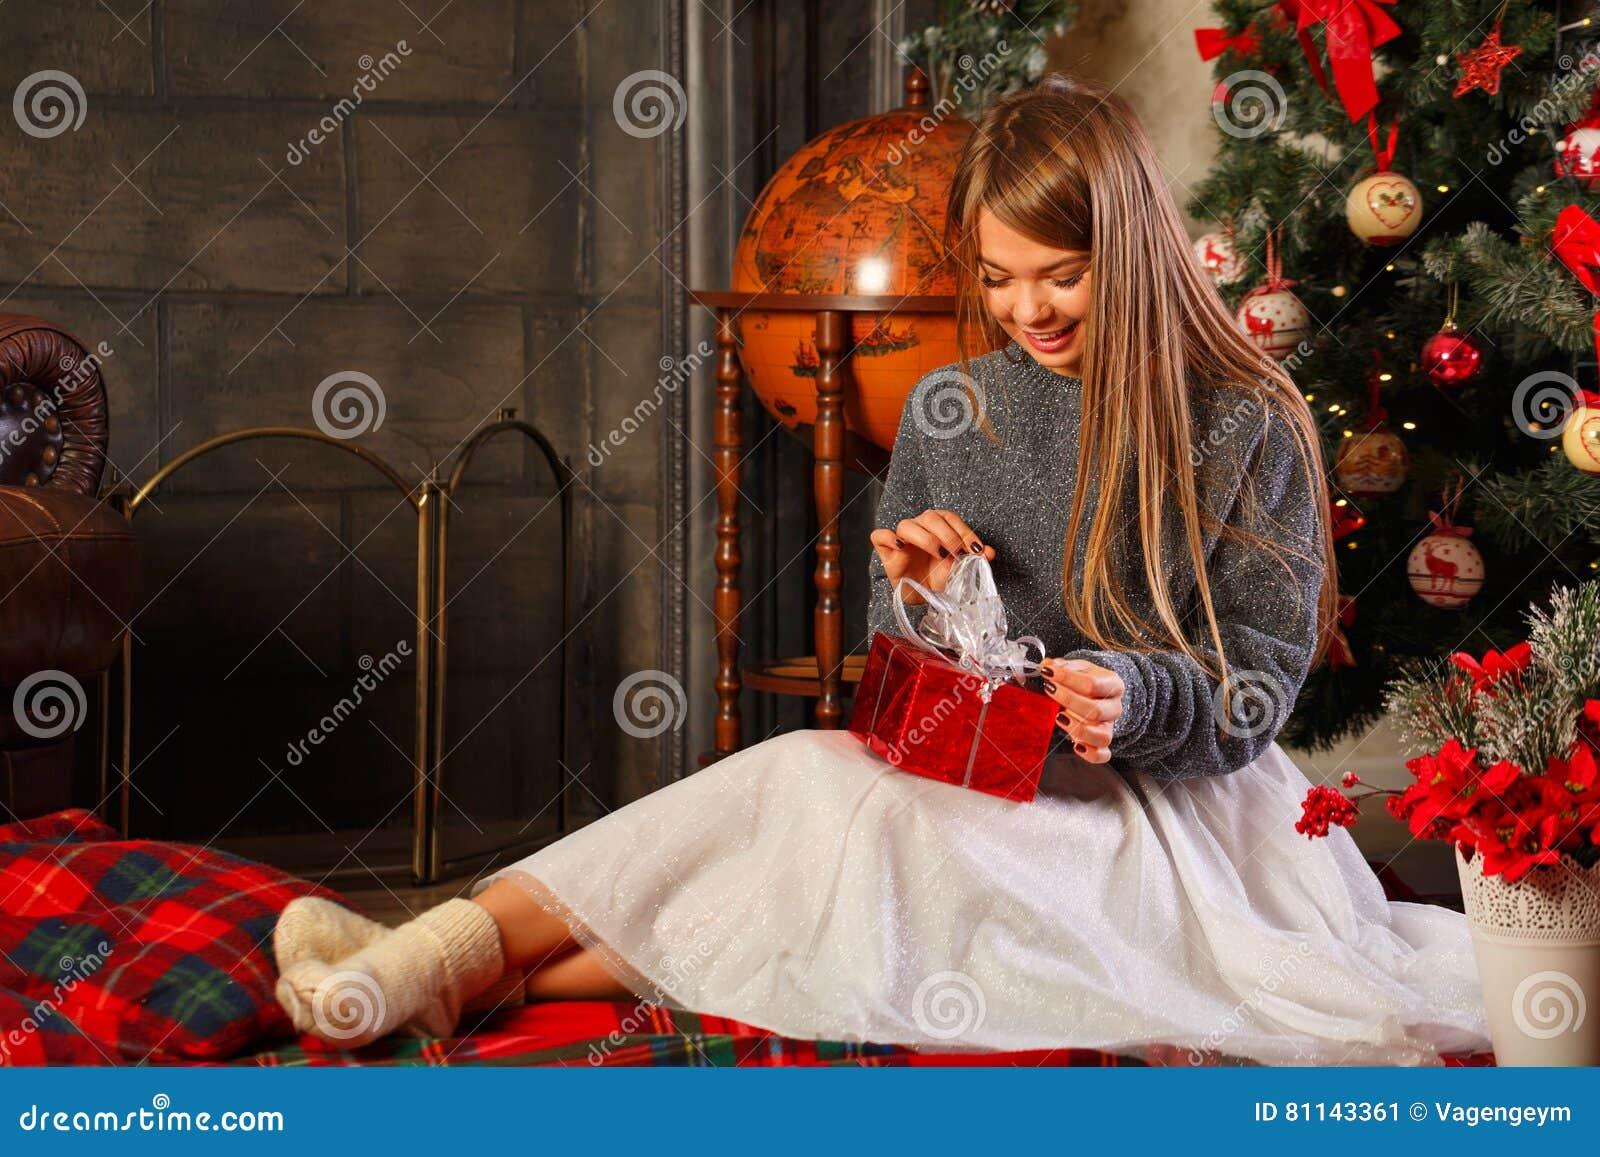 Mädchen Packt Weihnachtsgeschenk Aus Stockbild - Bild von frau ...